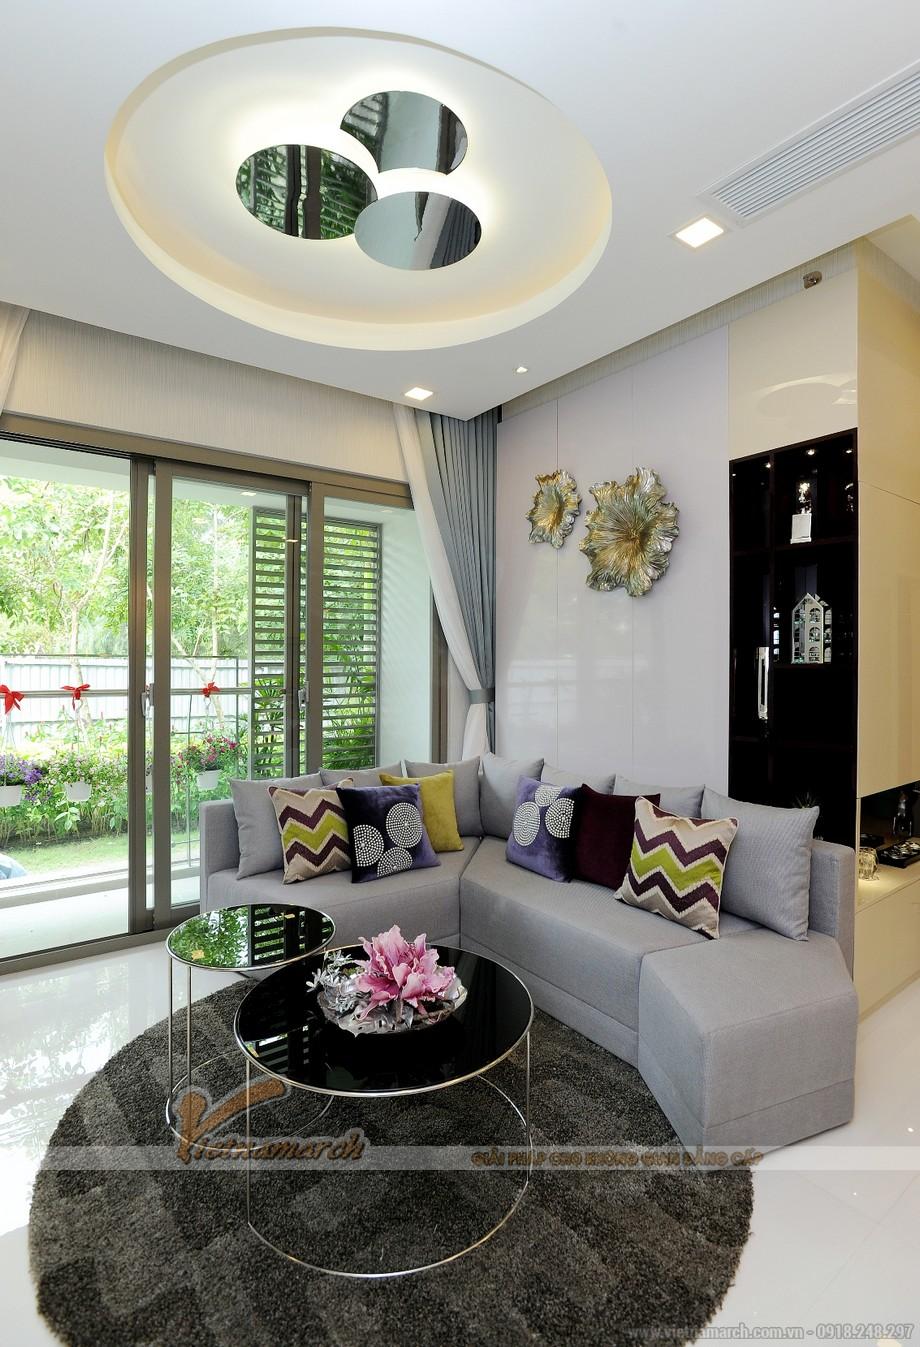 Thiết kế nội thất phòng khách độc - đơn nhưng đa sắc đa màu